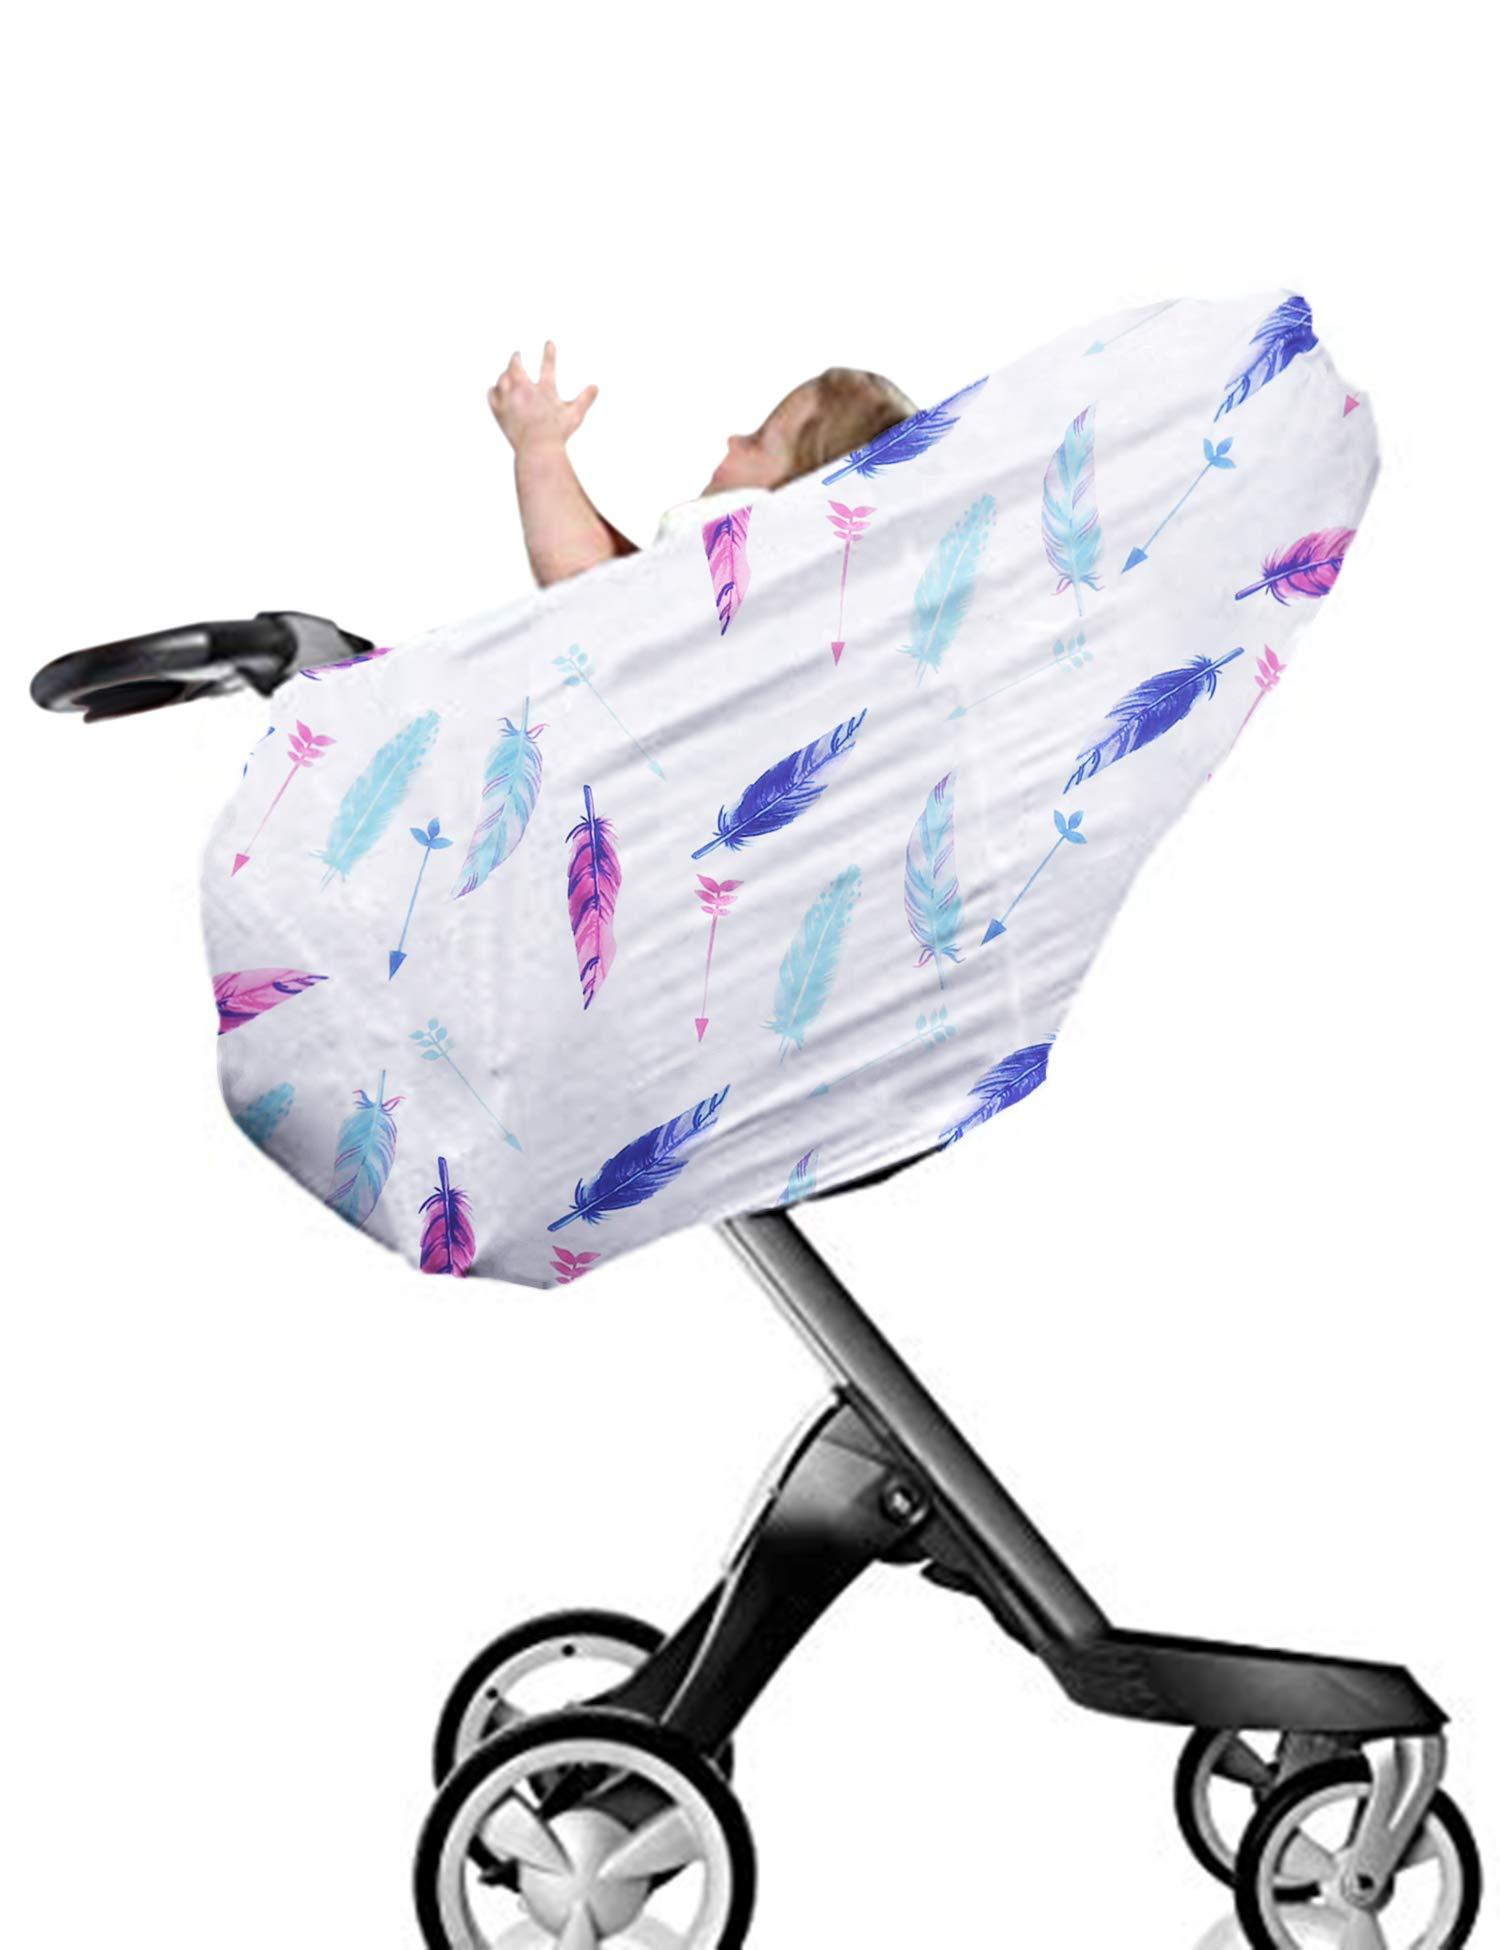 MAXMODA Stillschal Stilltuch Nursing Cover 4-in-1 Baumwolle Still Baby Auto Set Cover Himmel Warenkorb Bezug Swaddle Decke für Säuglinge Neugeborene Kleinkinder Dusche Geschenk